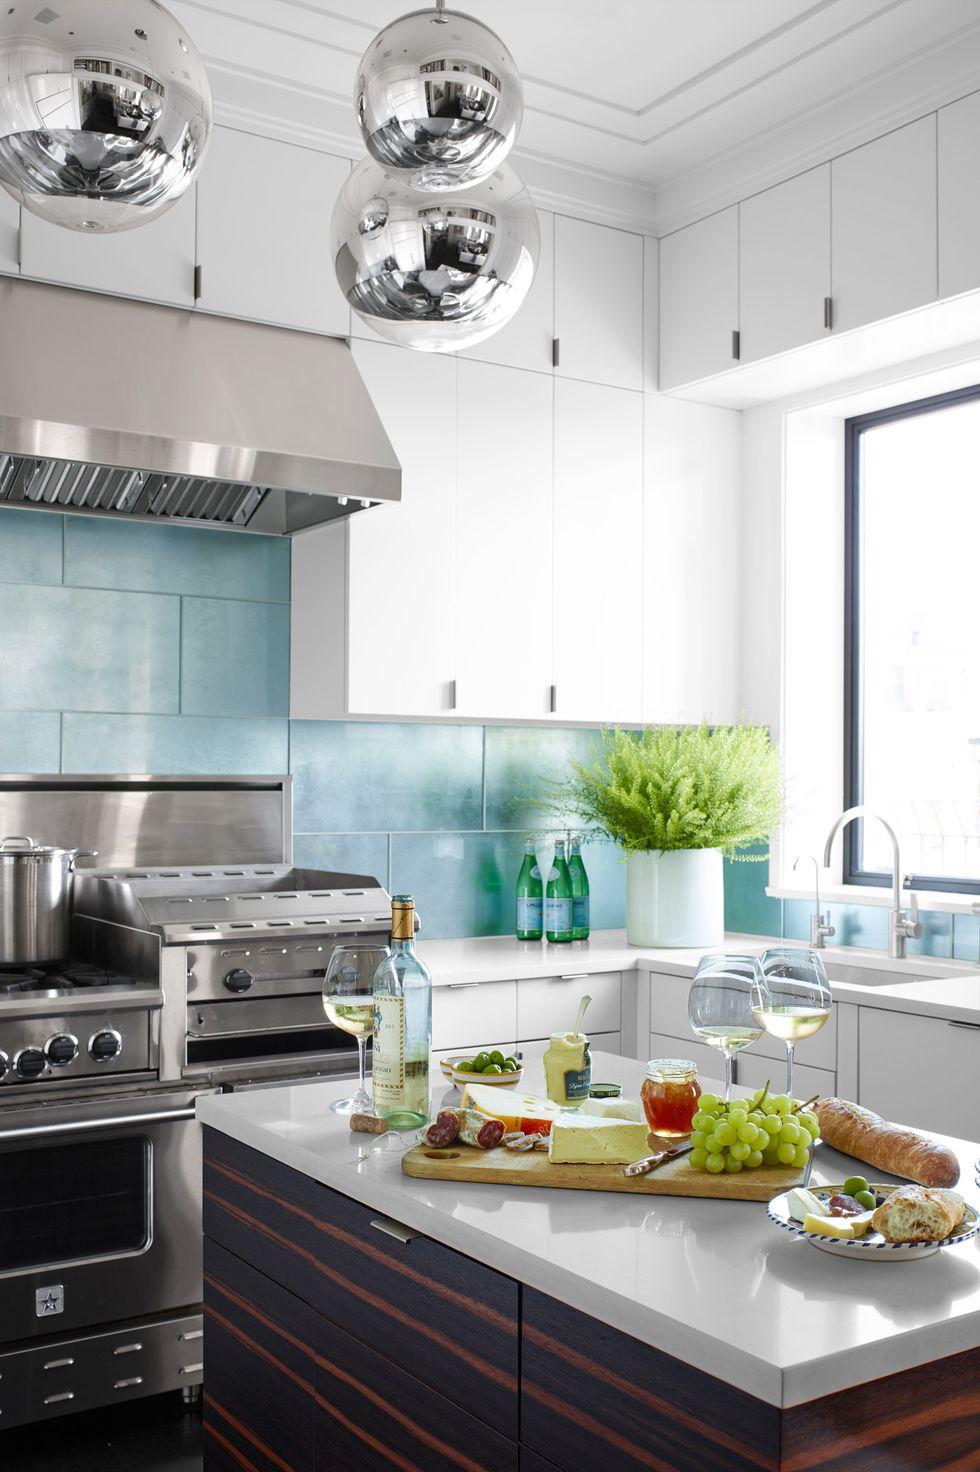 آشپزخانه مدرن کوچک با کابینت هایگلاس طرحدار و سفید